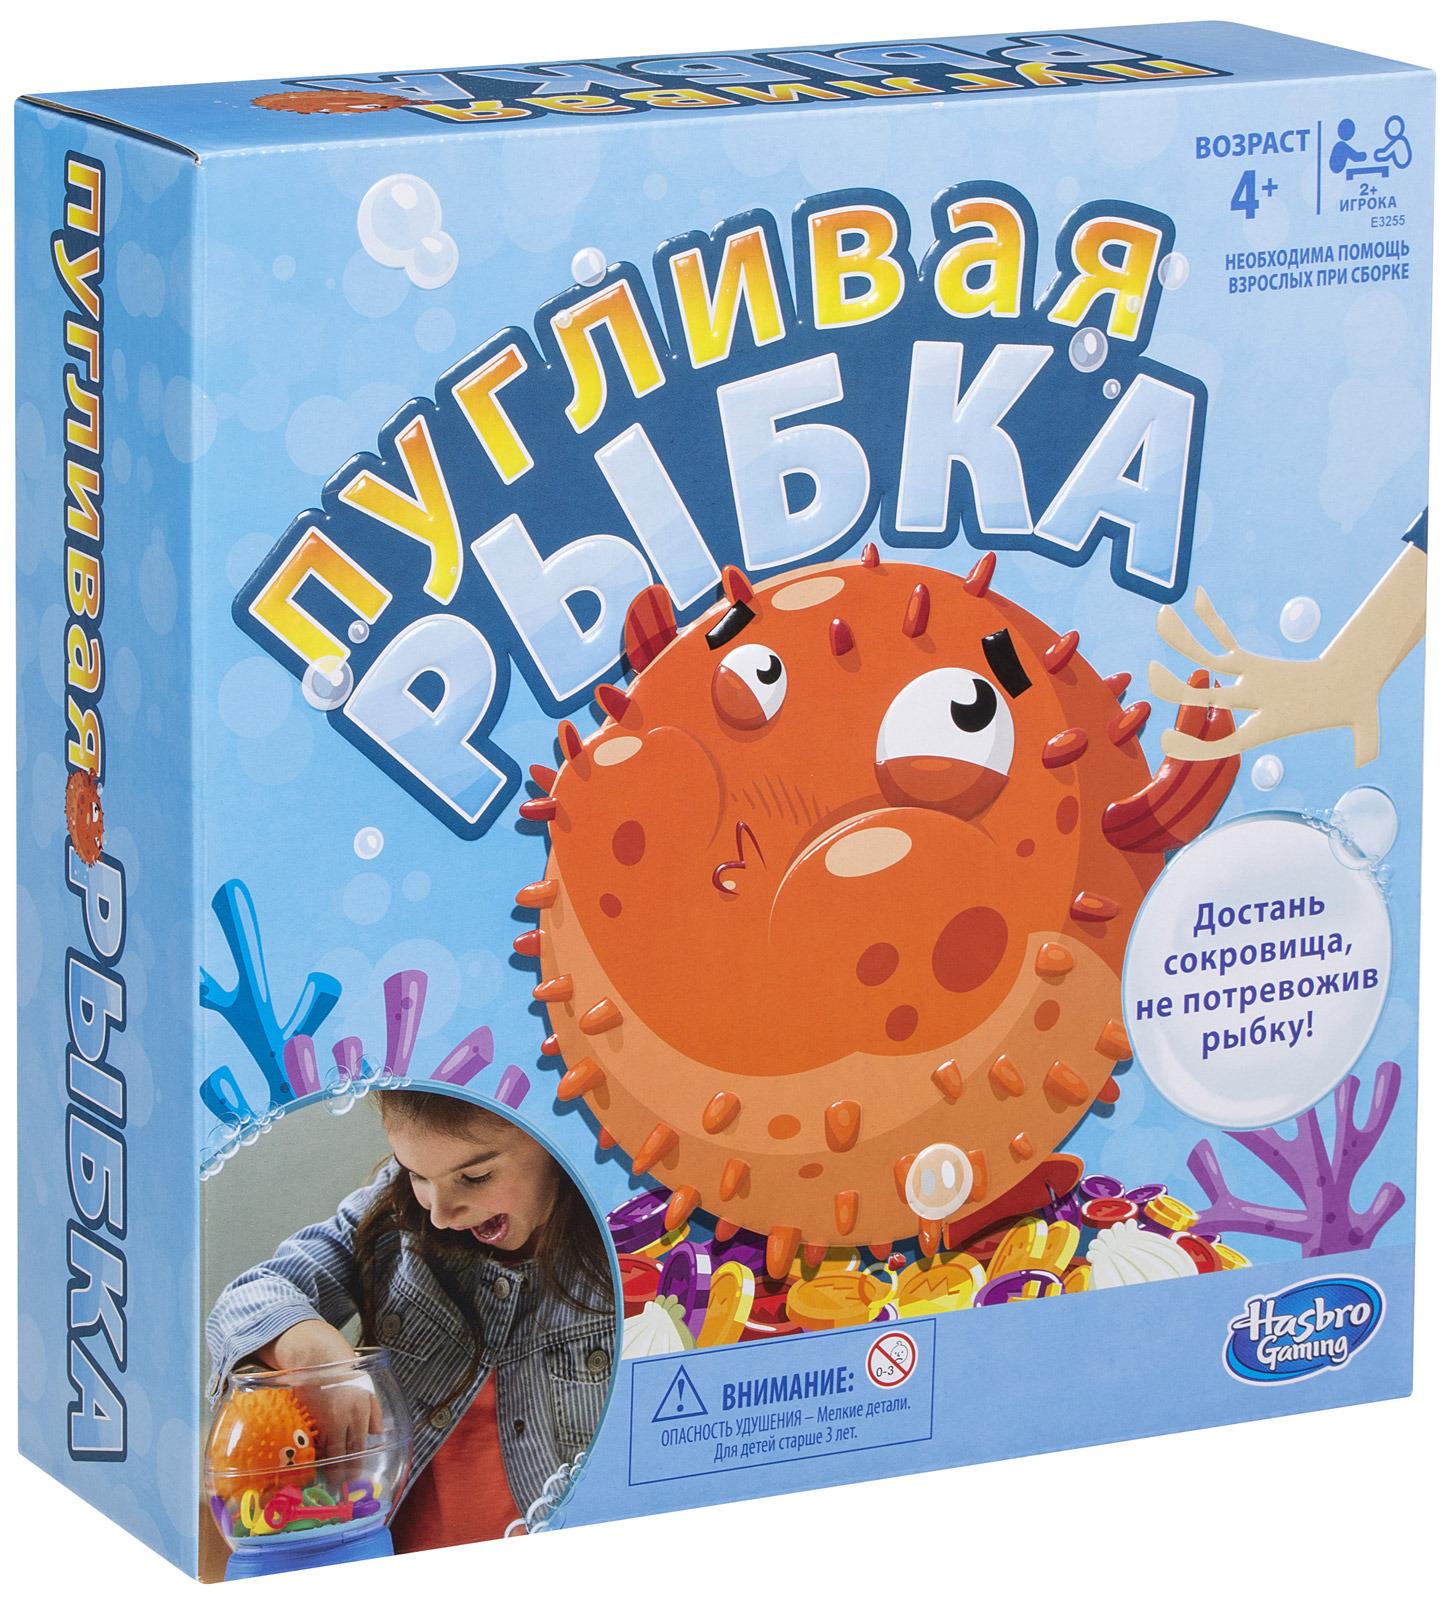 Настольная игра Hasbro Games Пугливая рыбка, E3255121 игра wader игра поймай уточку для 2 х игроков